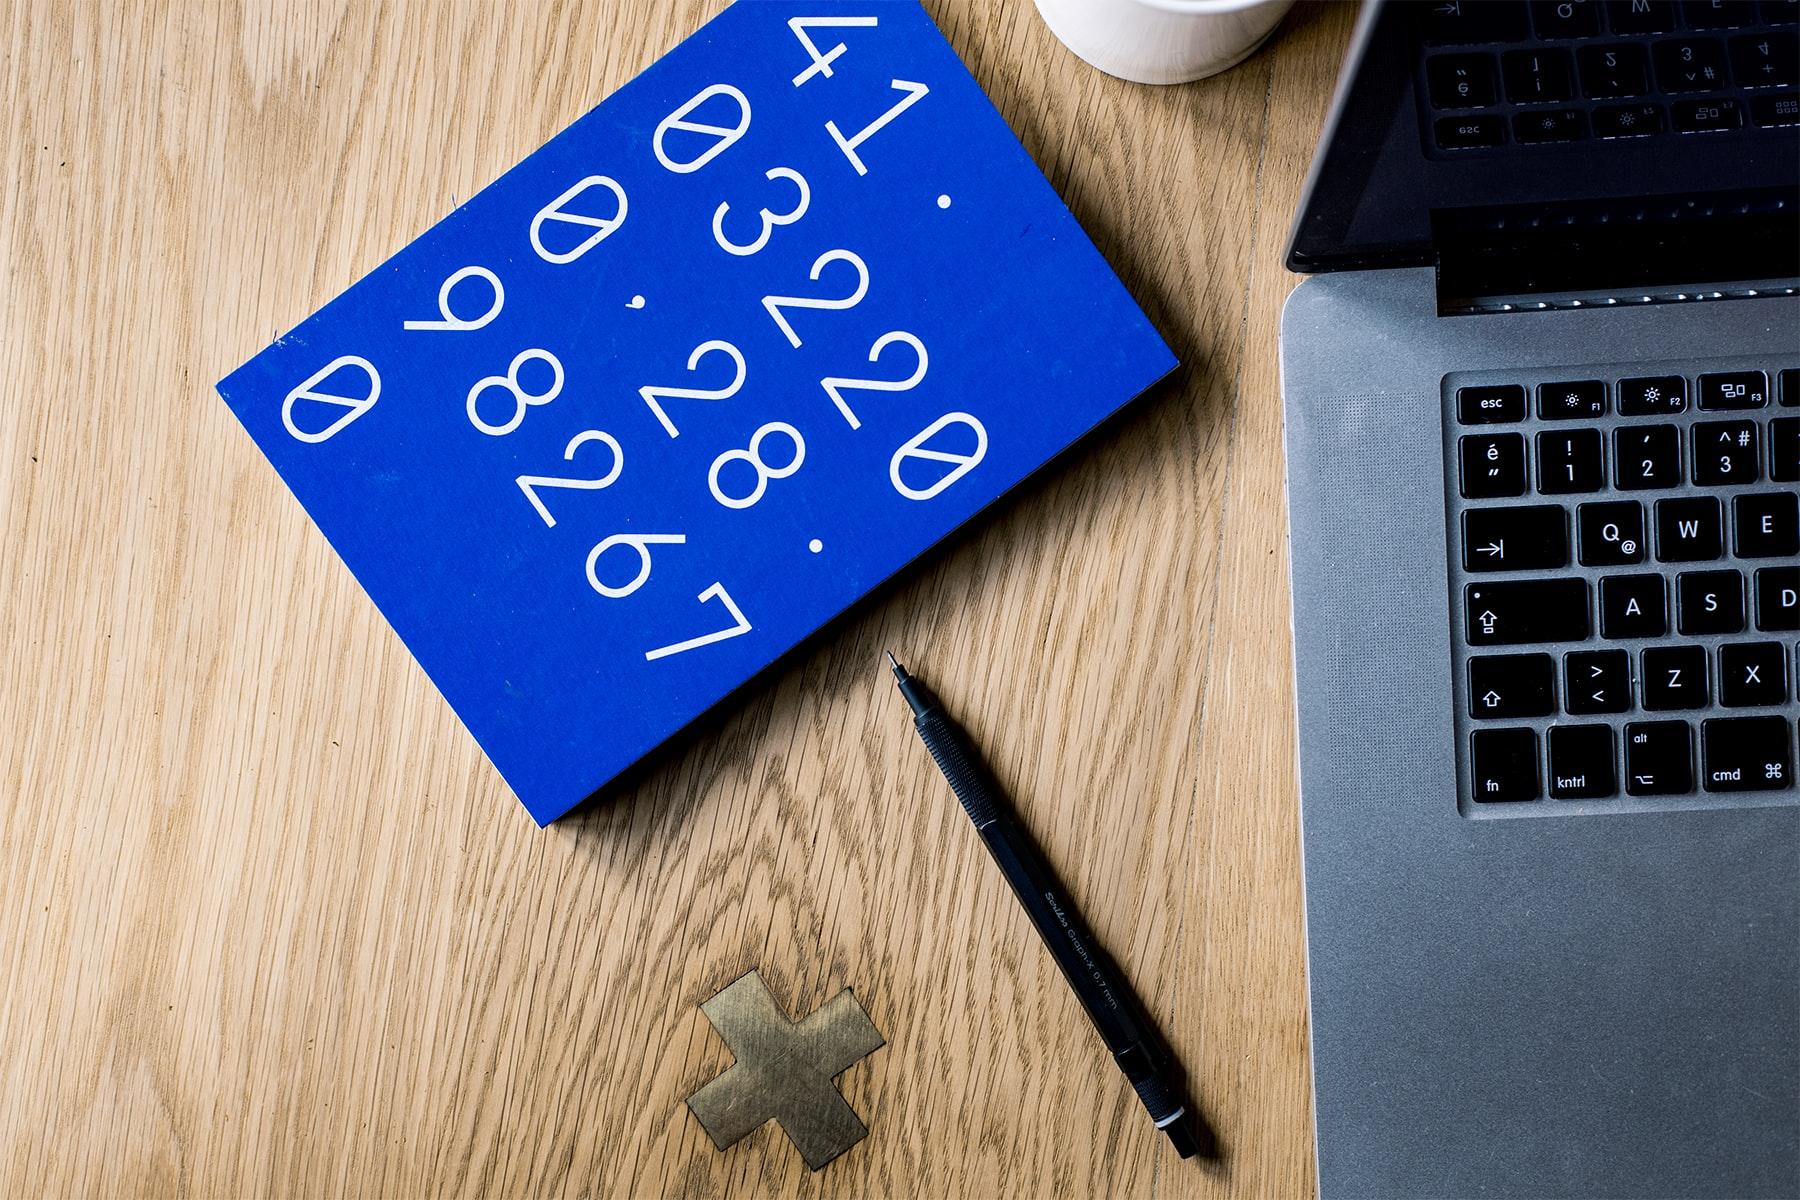 Preispsychologie: Wie wirken Zahlen?